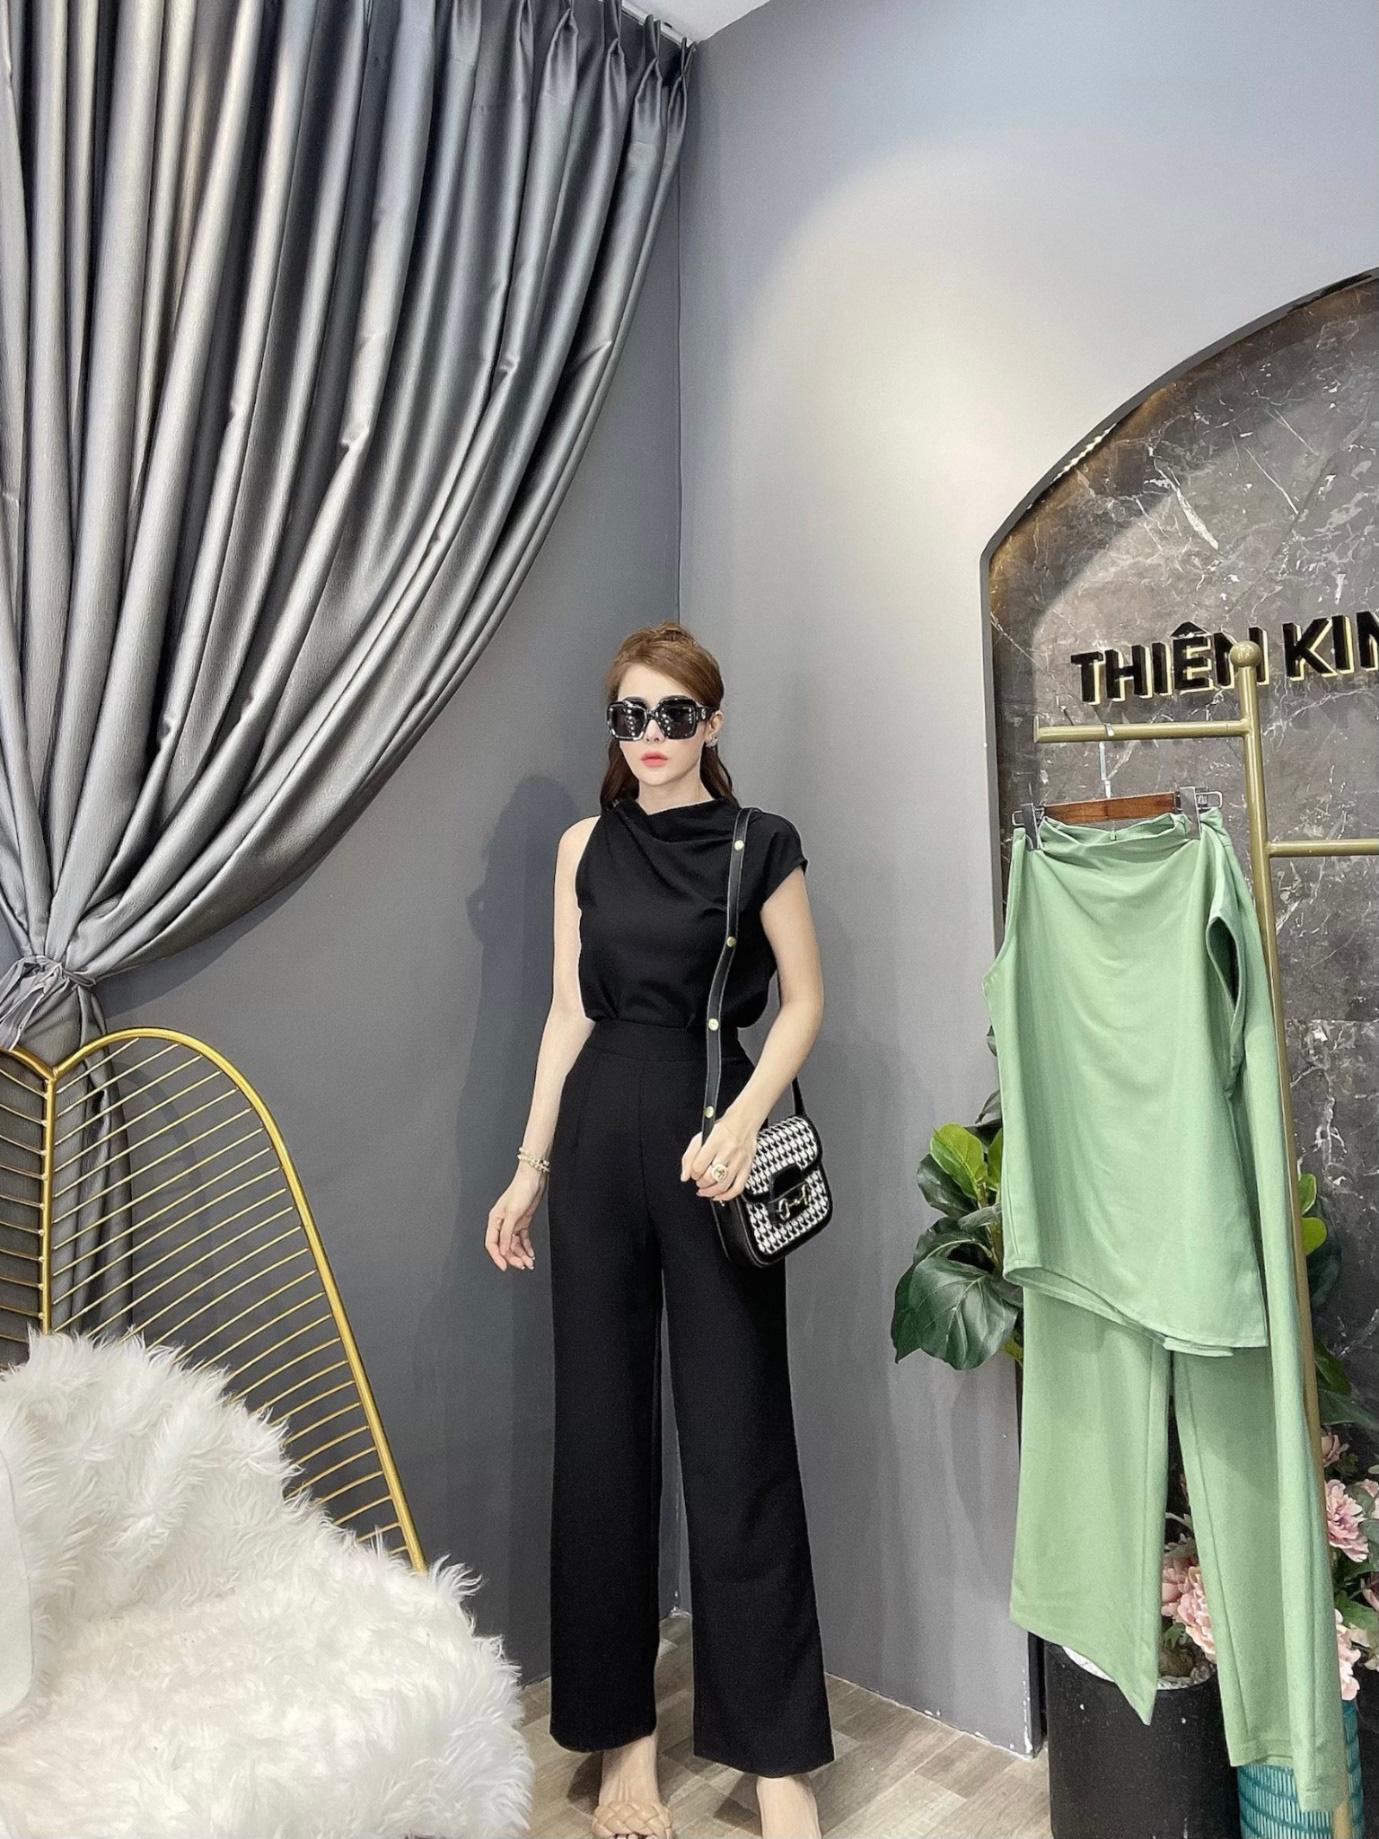 Thiên Kim Boutique - Điểm đến đáng lưu tâm cho các tín đồ thời trang - Ảnh 4.